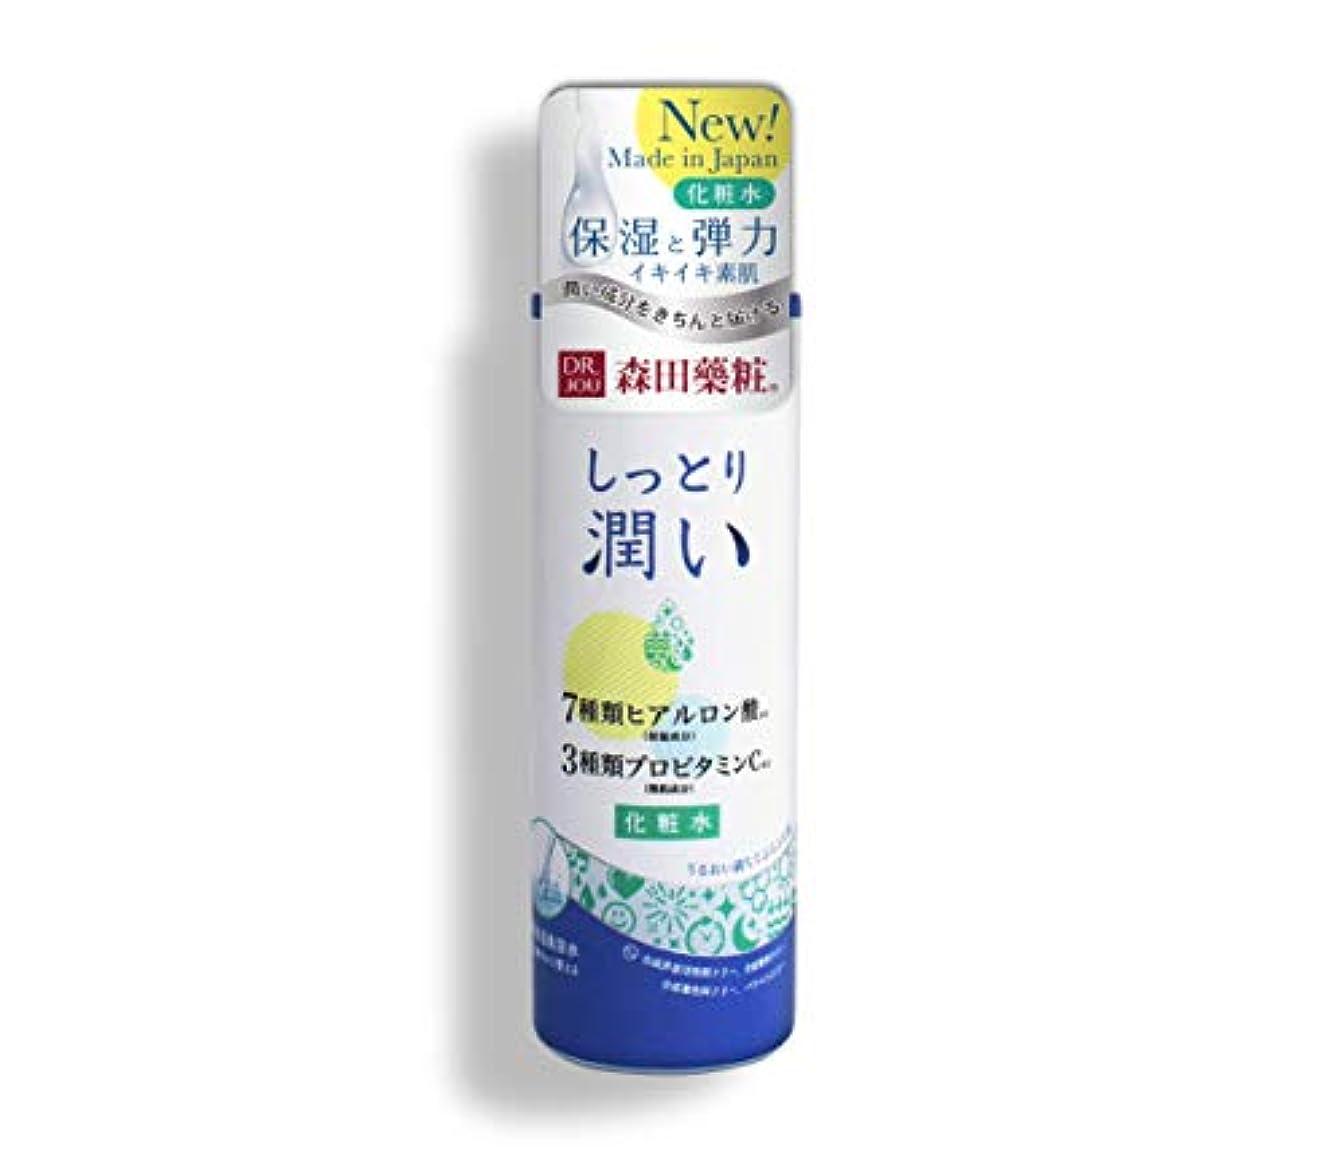 シーボードオーロック前部【森田薬粧】DR.JOU しっとり 潤い 化粧水 (170ml)